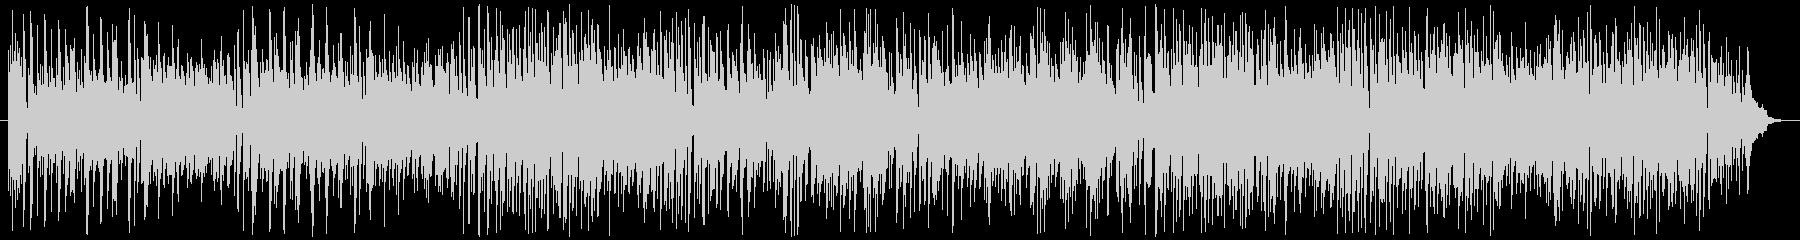 ボサノバ調のかわいらしい曲の未再生の波形